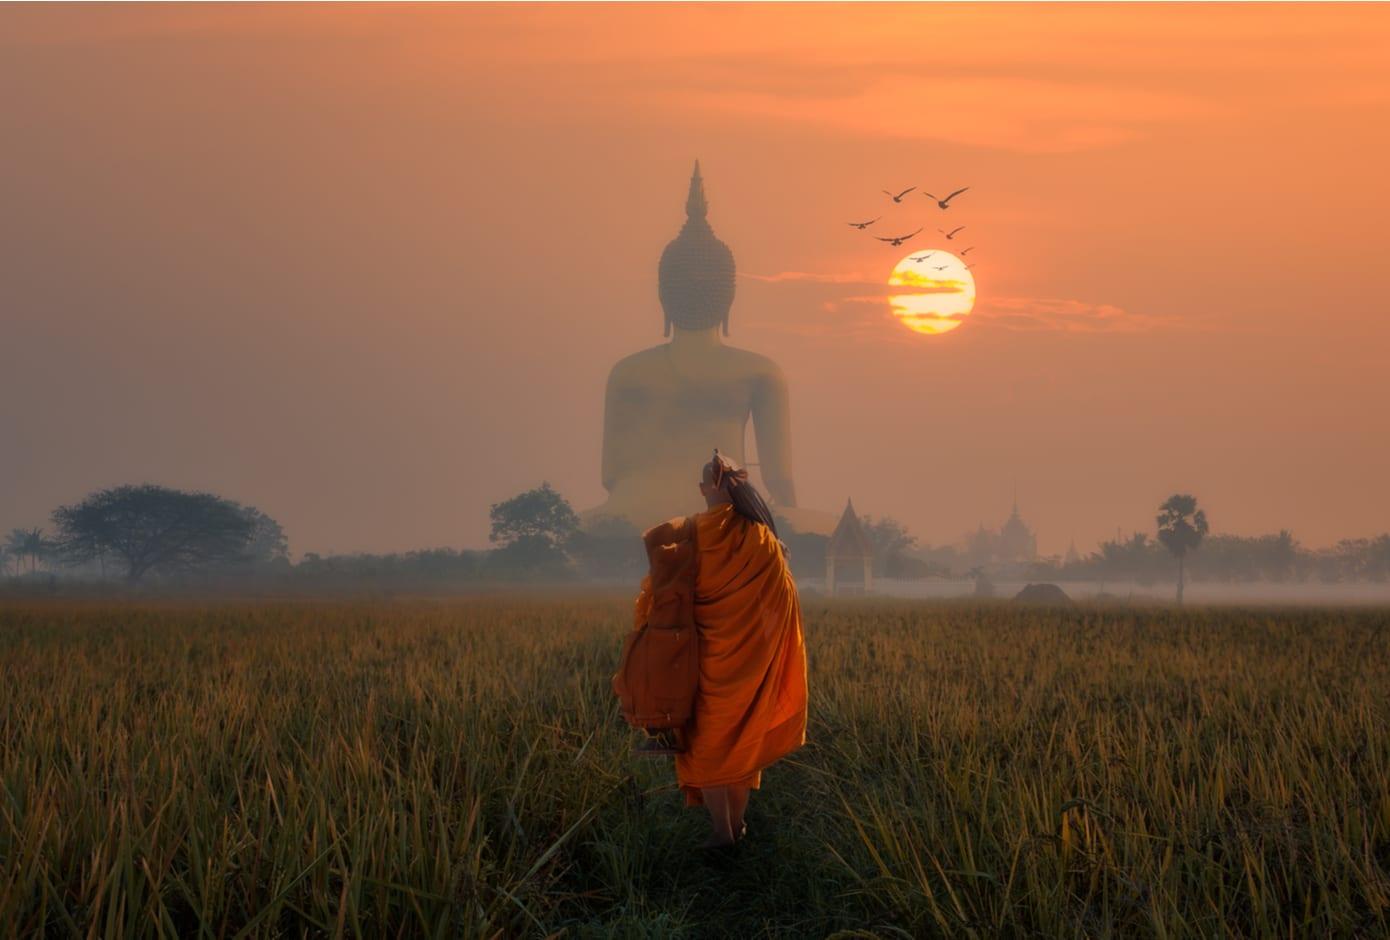 Monk walking towards the Big Buddha at Wat Muang Angthong, Thailand Temple at sunset.